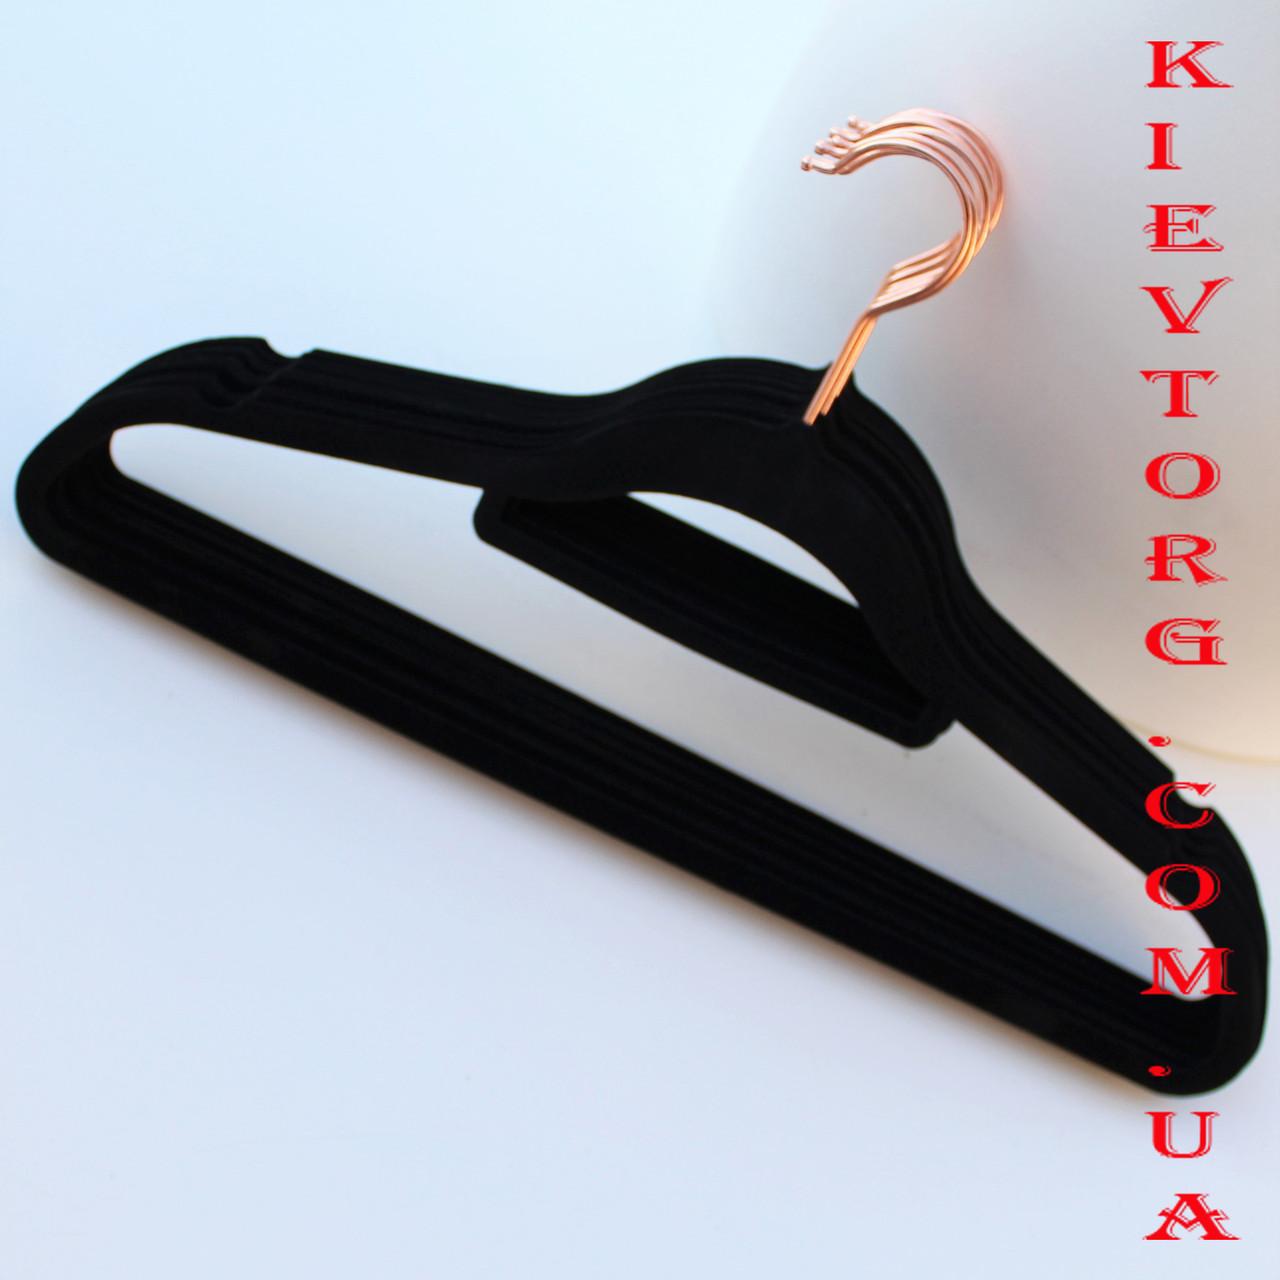 Плечики вешалки флокированные (бархатные, велюровые) черные с золотым крючком, длина 440 мм 5 штук